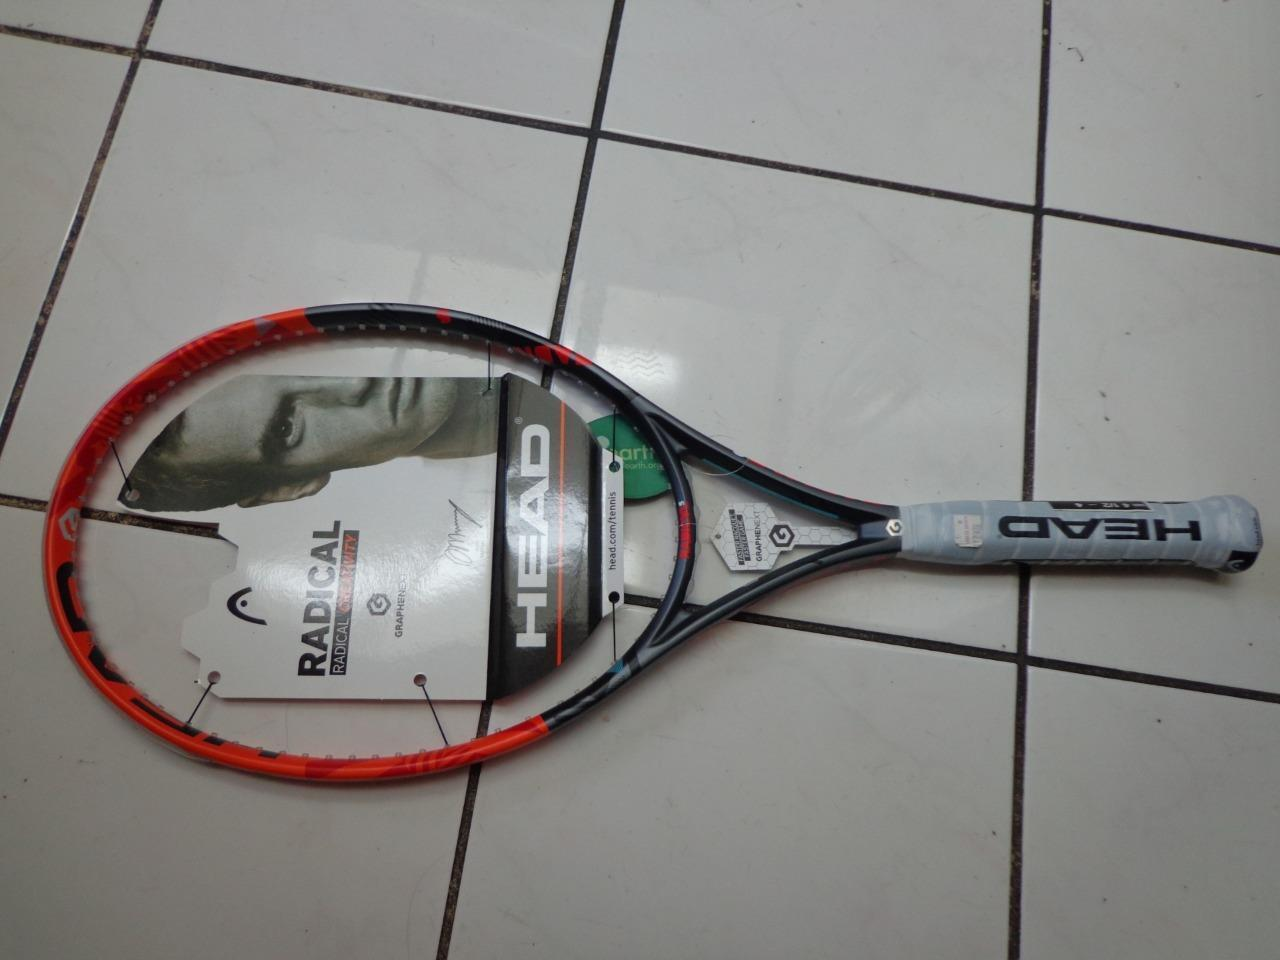 NEW Head Graphene Radical S 102 head 4 1 2 grip Tennis Racquet